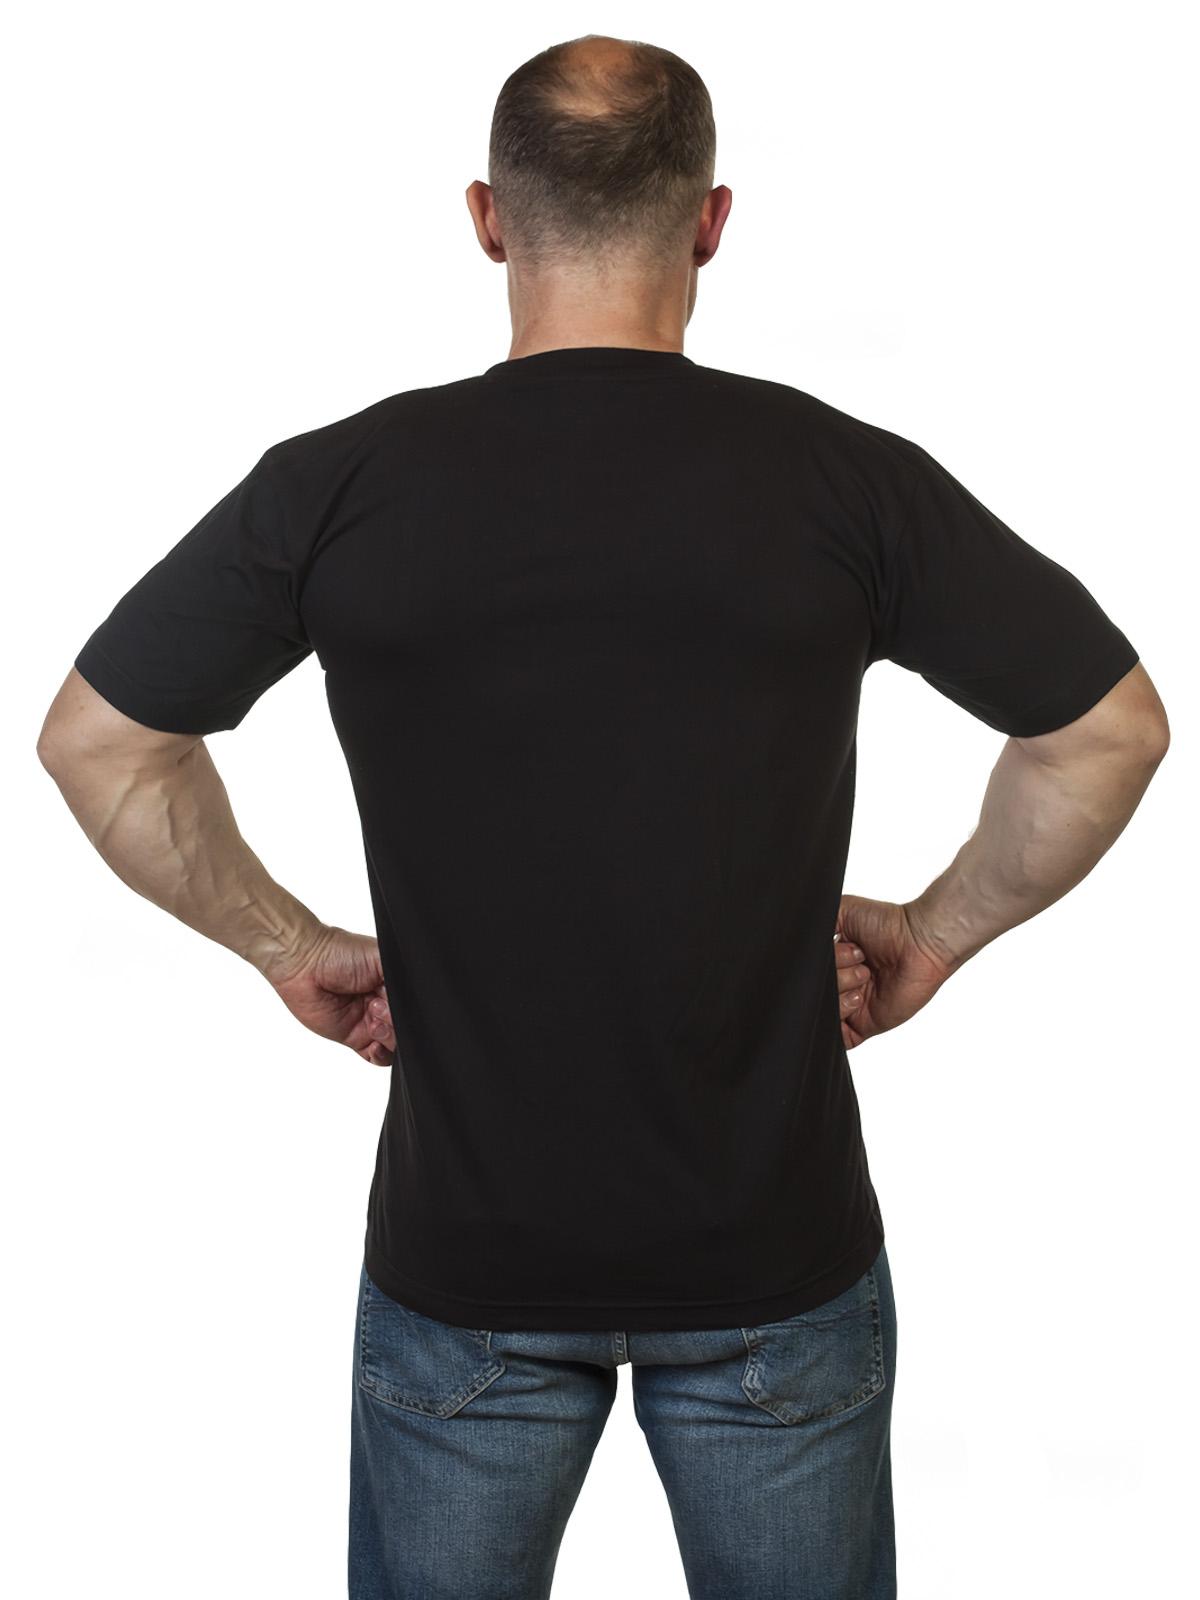 Черная футболка с надписью Армия России по выгодной цене